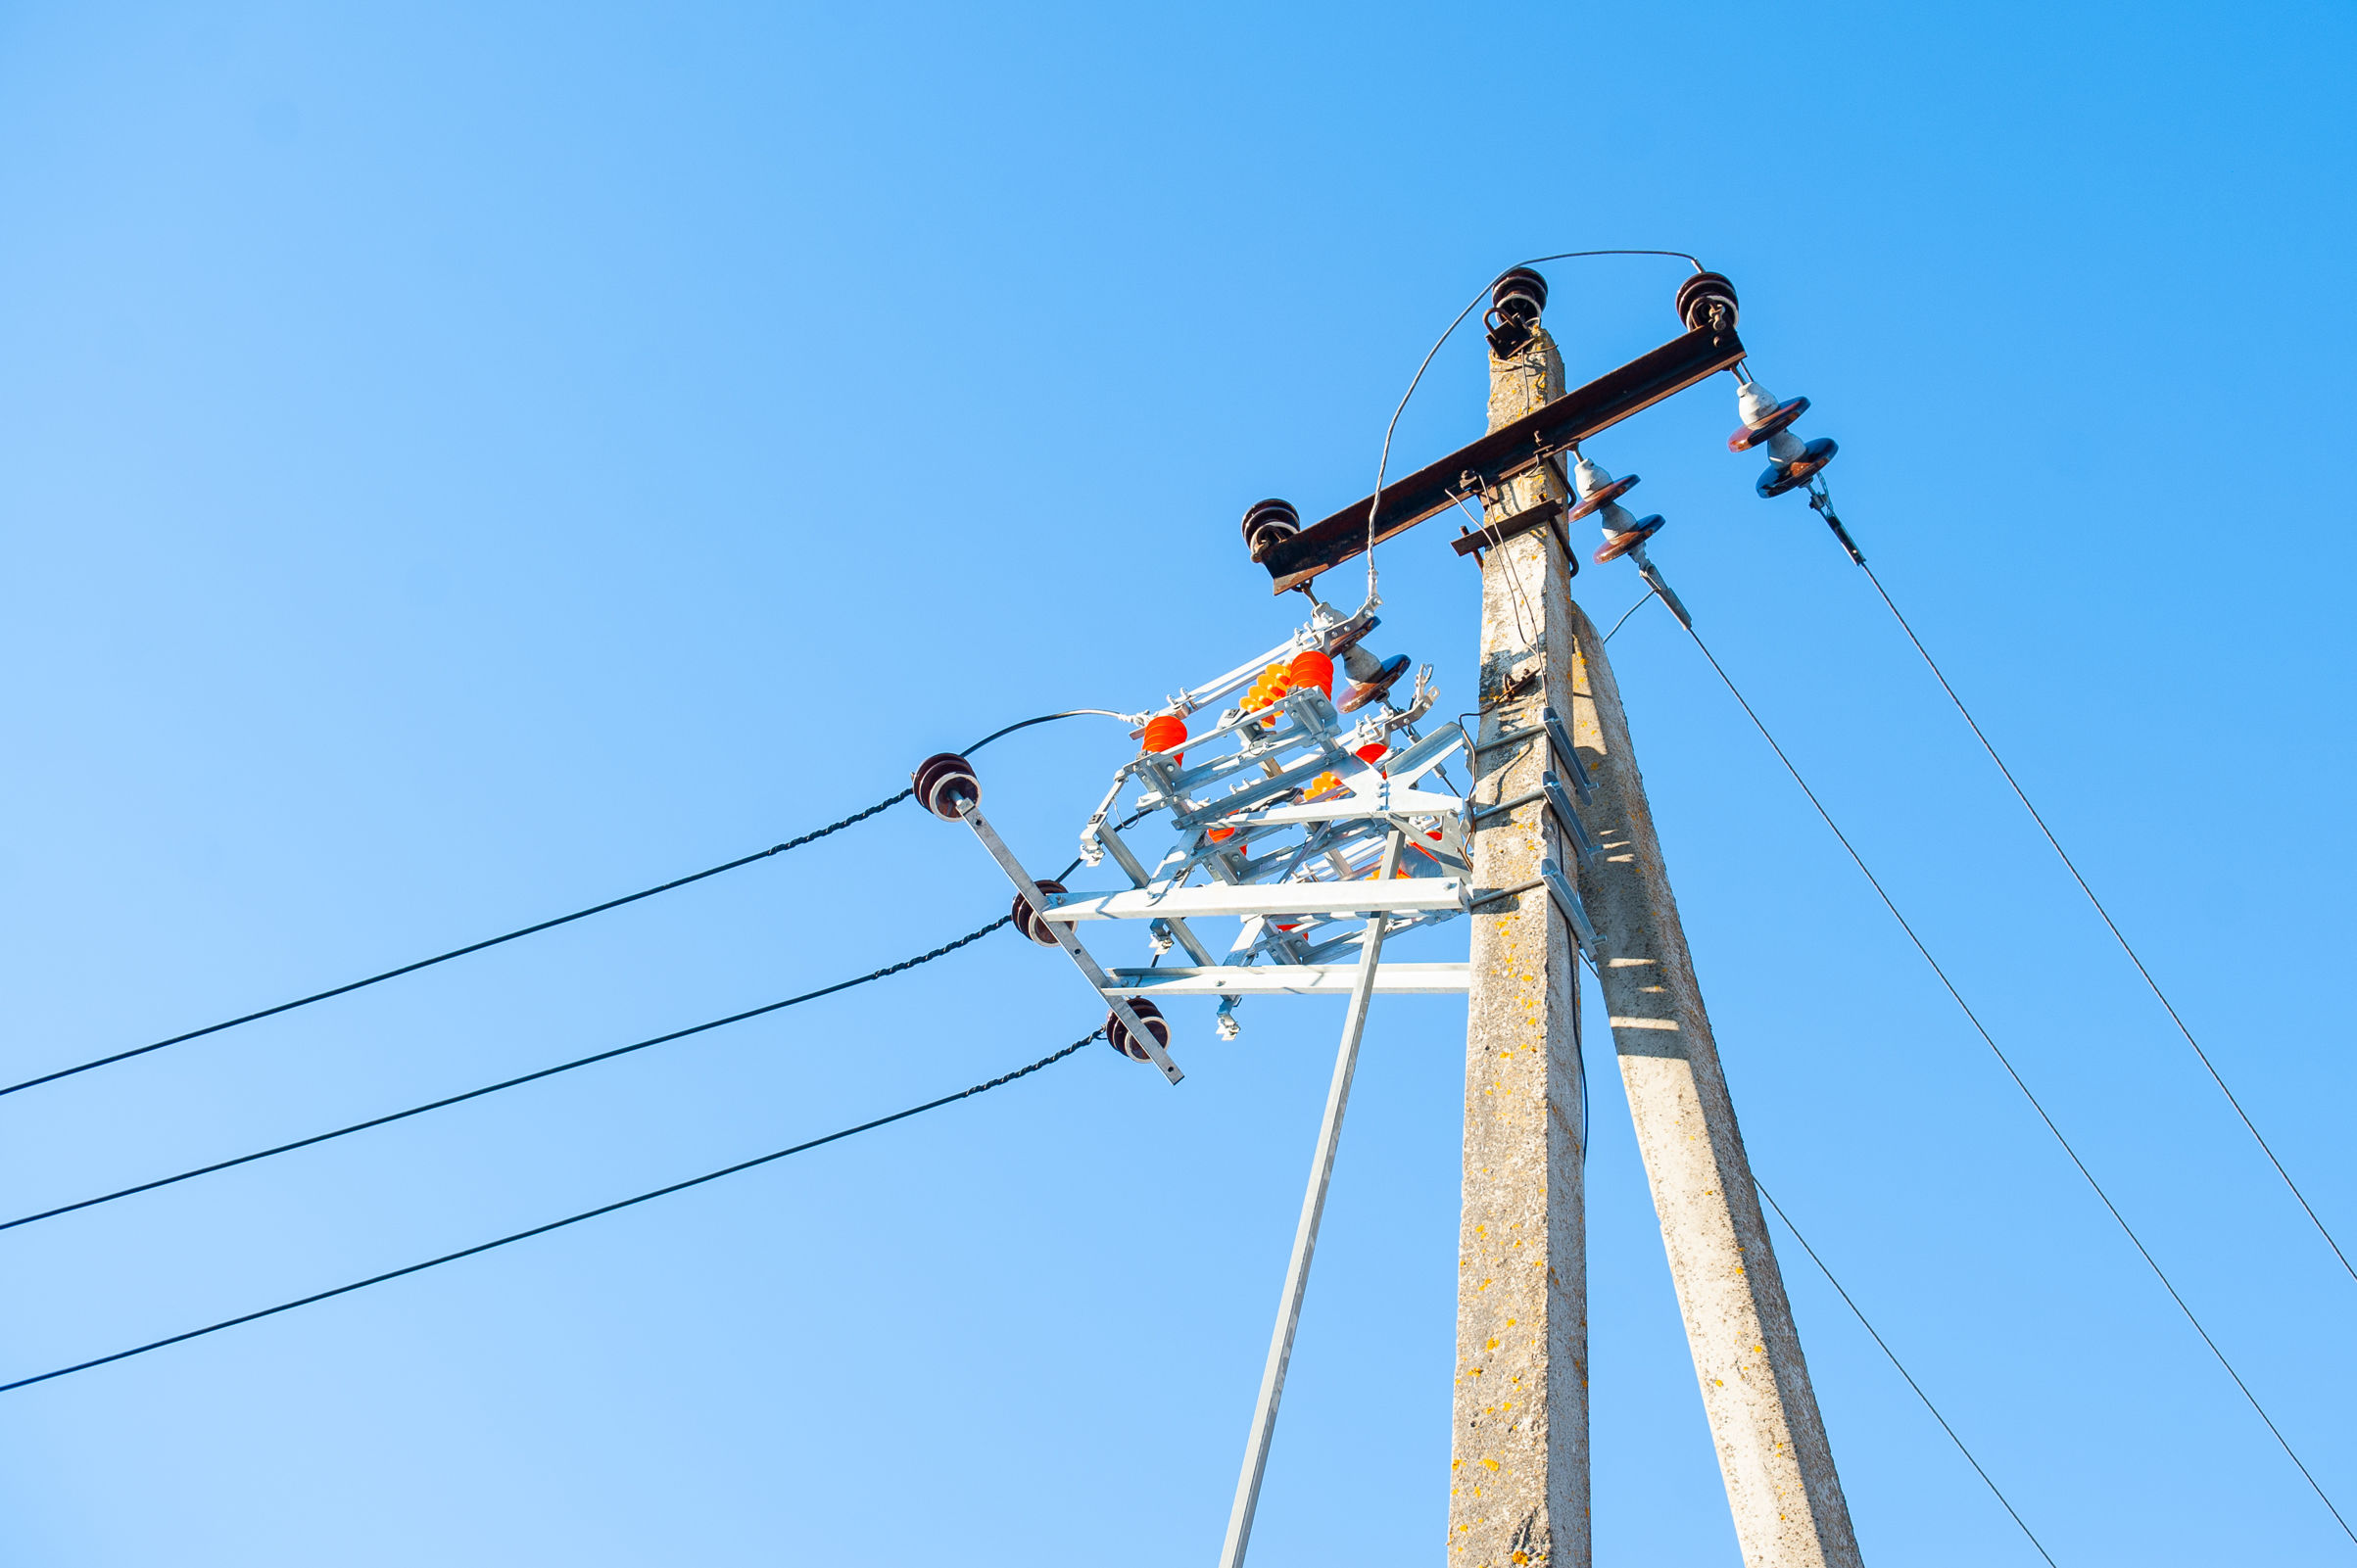 Специалисты филиала «Россети Центр Ярэнерго» повысят надежность электроснабжения деревни Бутрево